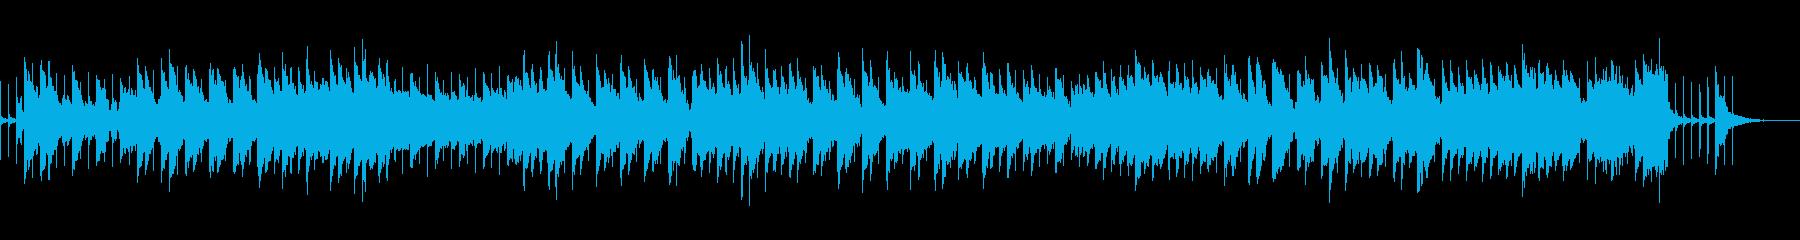 昔懐かしい日本/レトロ/日が暮れてゆくの再生済みの波形